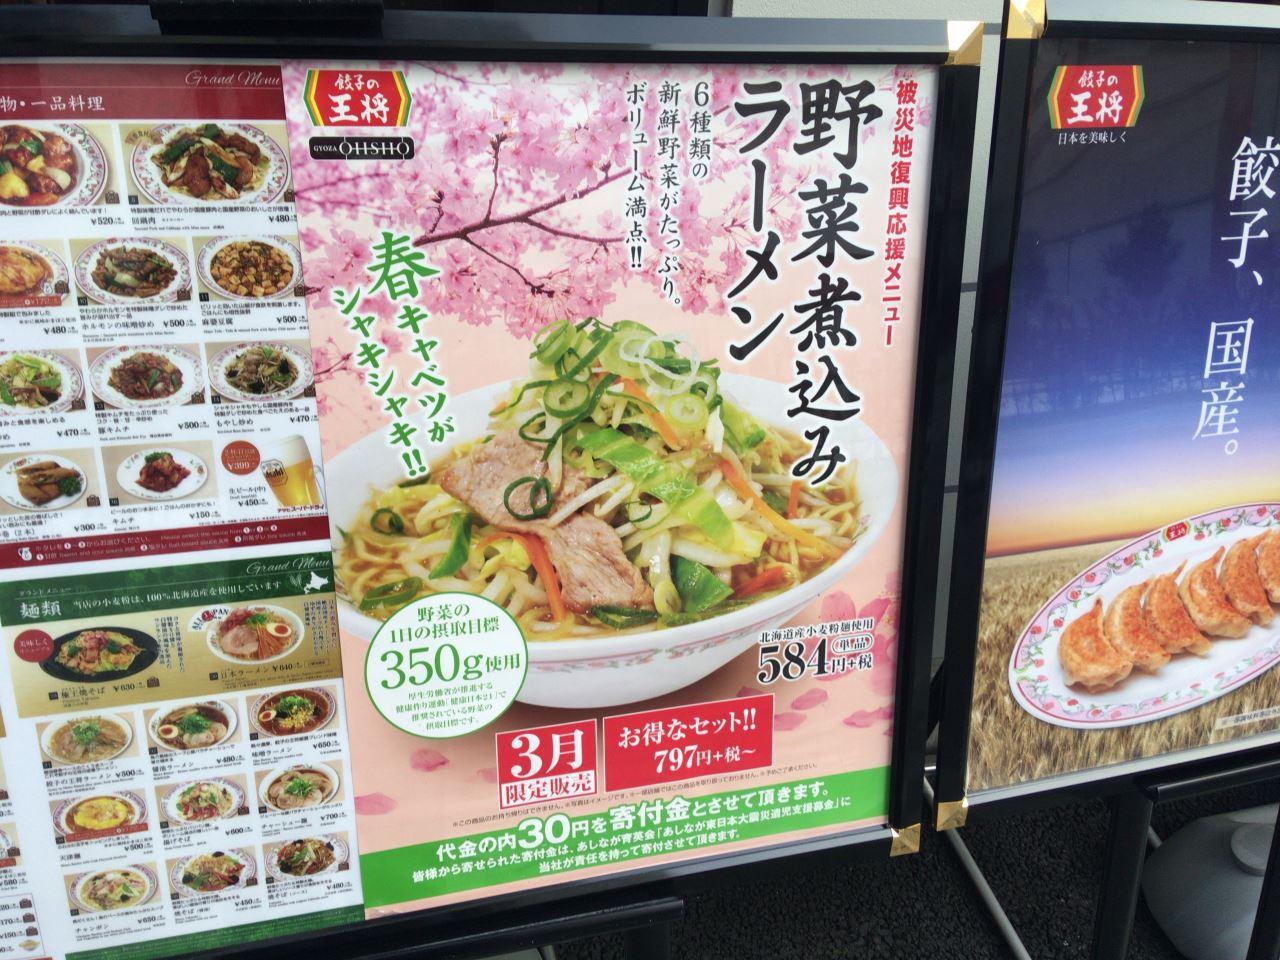 「野菜煮込みラーメン」餃子の王将 京成曳舟駅前店